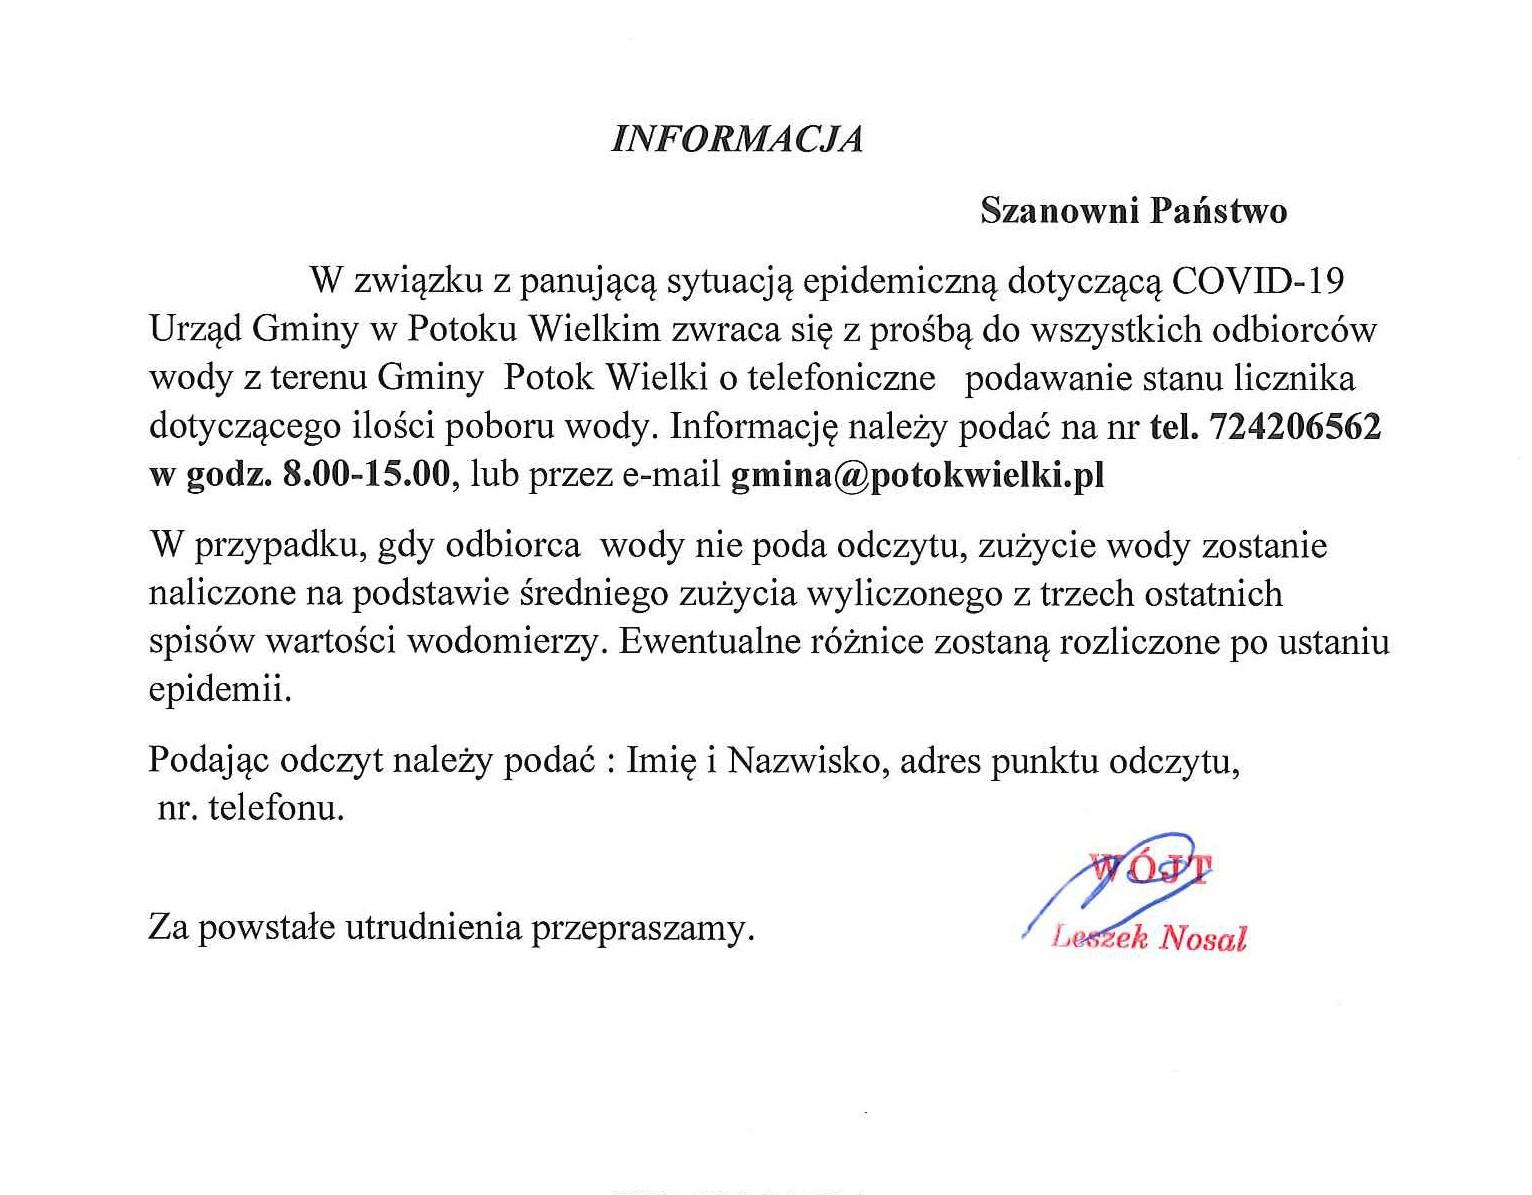 W związku z panującą sytuiacją epidemiczną dotyczącą COVID-19